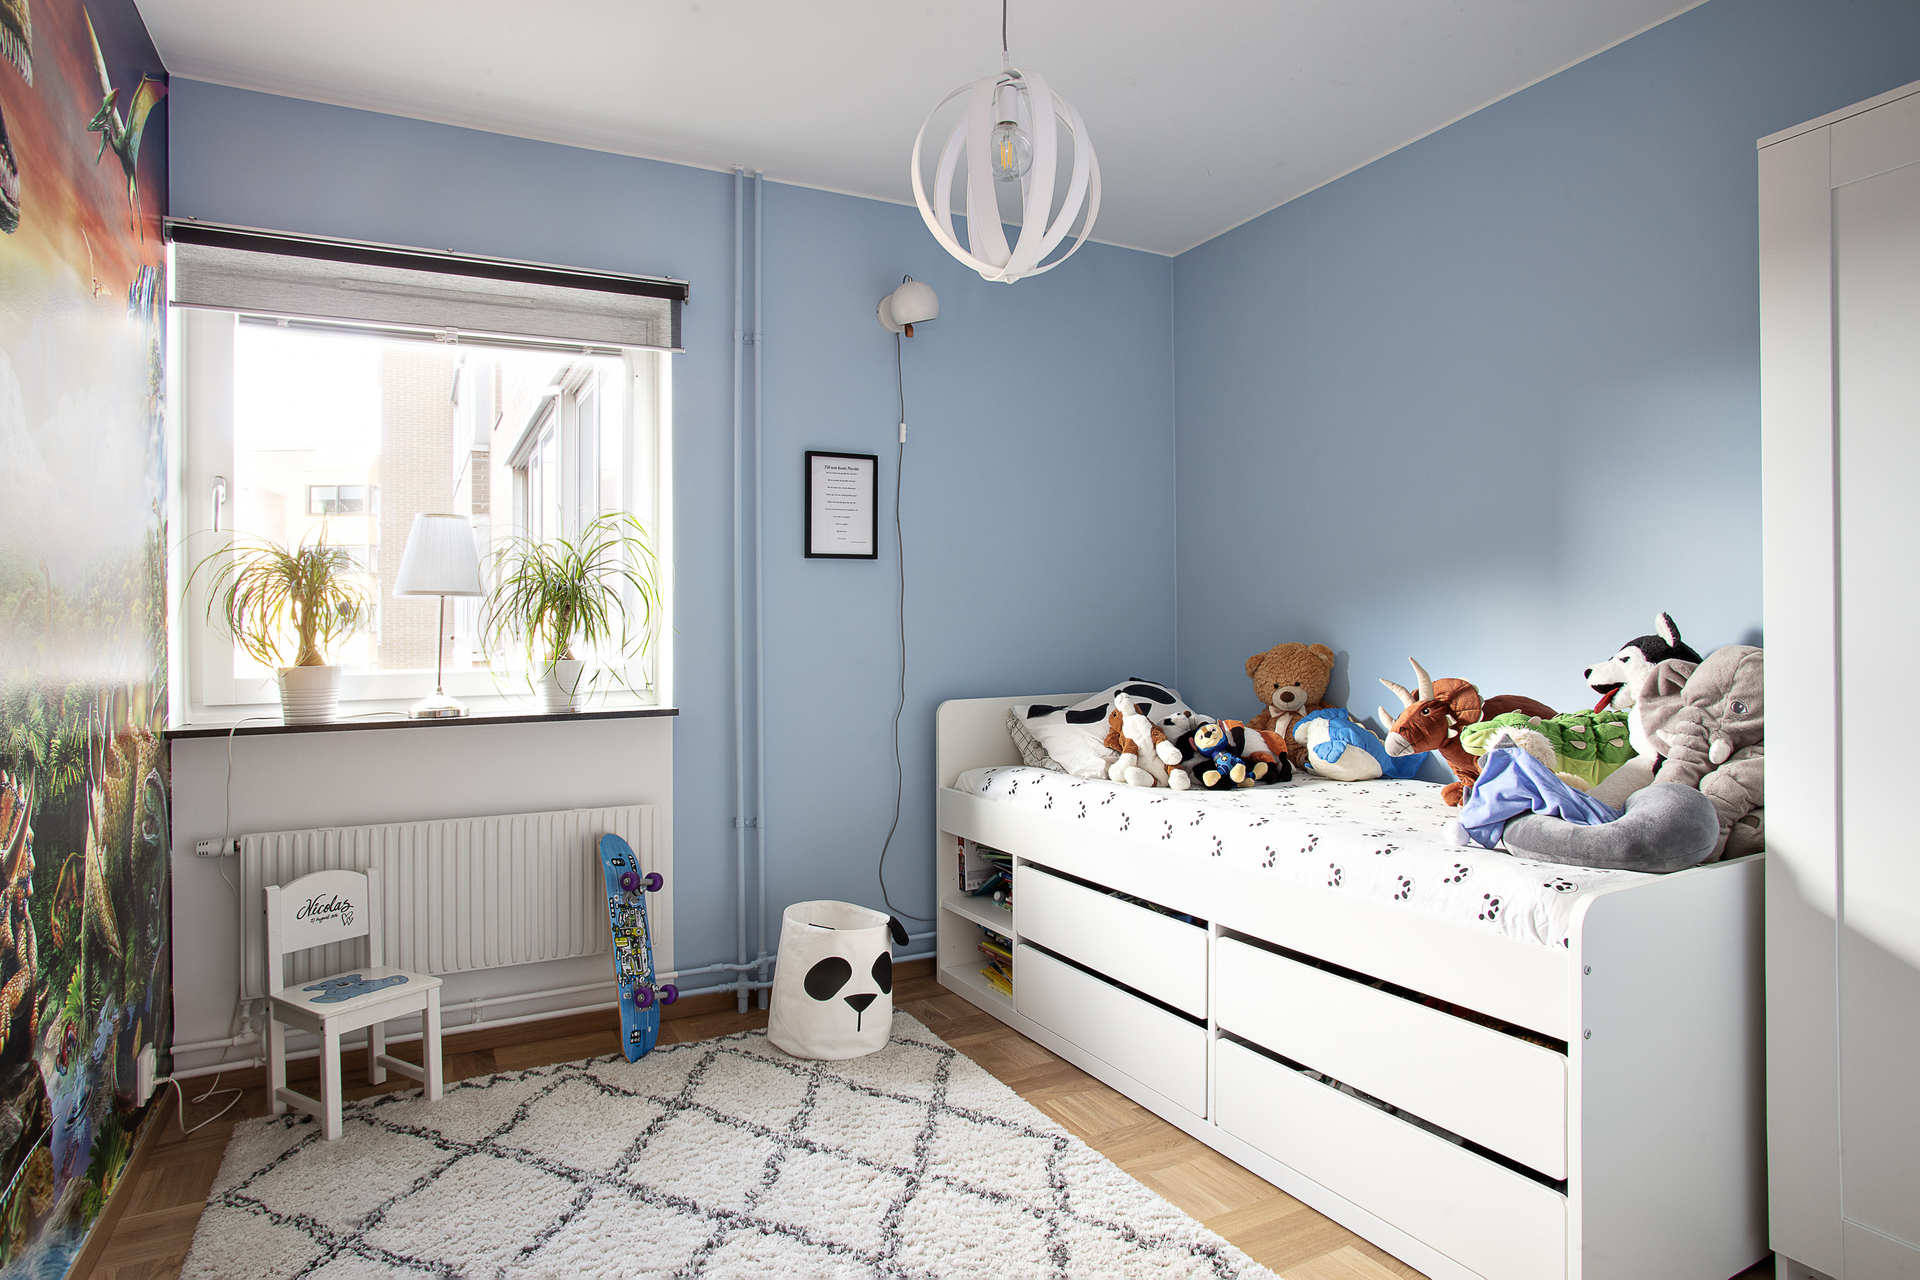 Sovrum 2, vilket i dagsläget verkar som barnrum